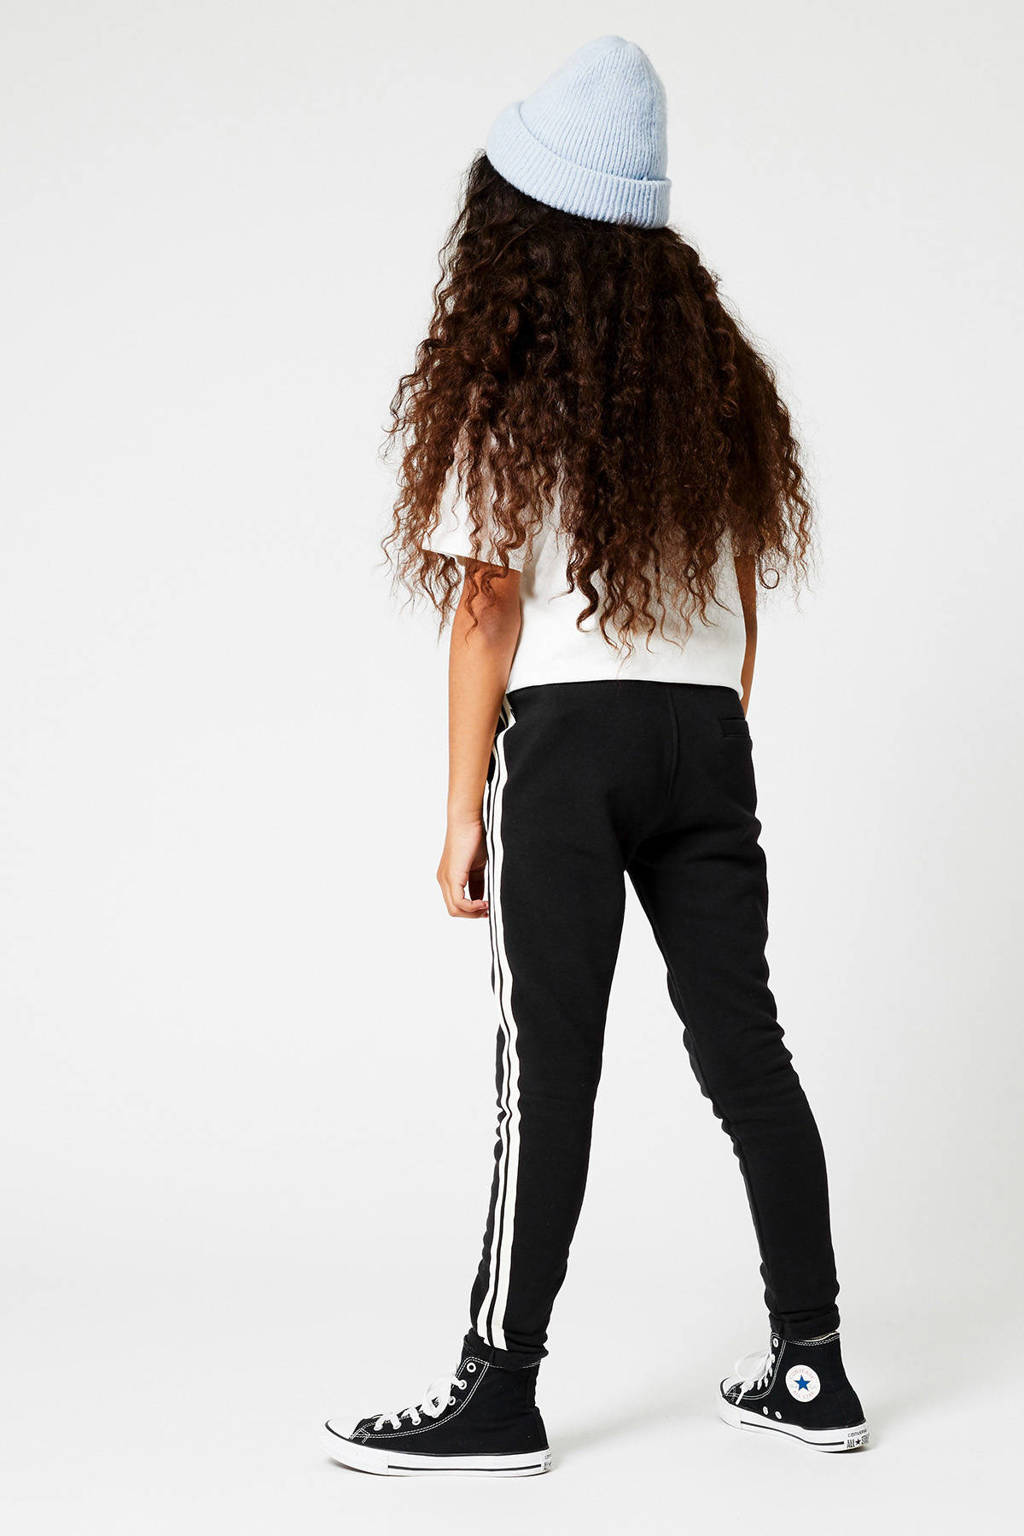 America Today Junior joggingbroek Celina met zijstreep zwart/wit, Zwart/wit